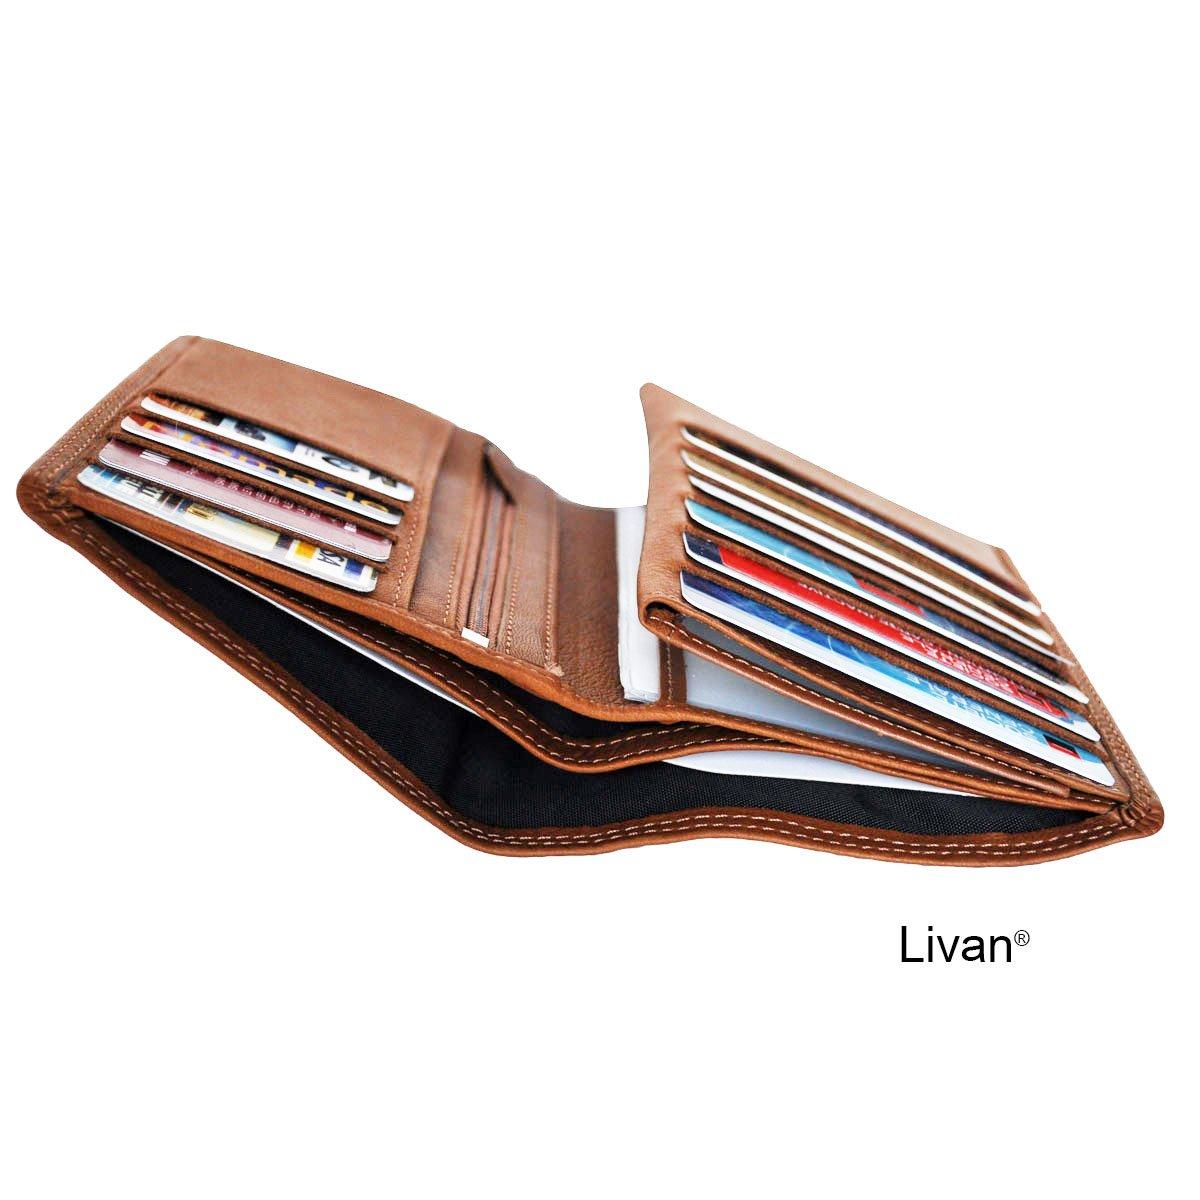 Livan - Grand Classique Portefeuille 4 Volets tr ès Complet -12  emplacements Cartes - Papier Voiture identit é - en Cuir de Vachette ... c148173e129